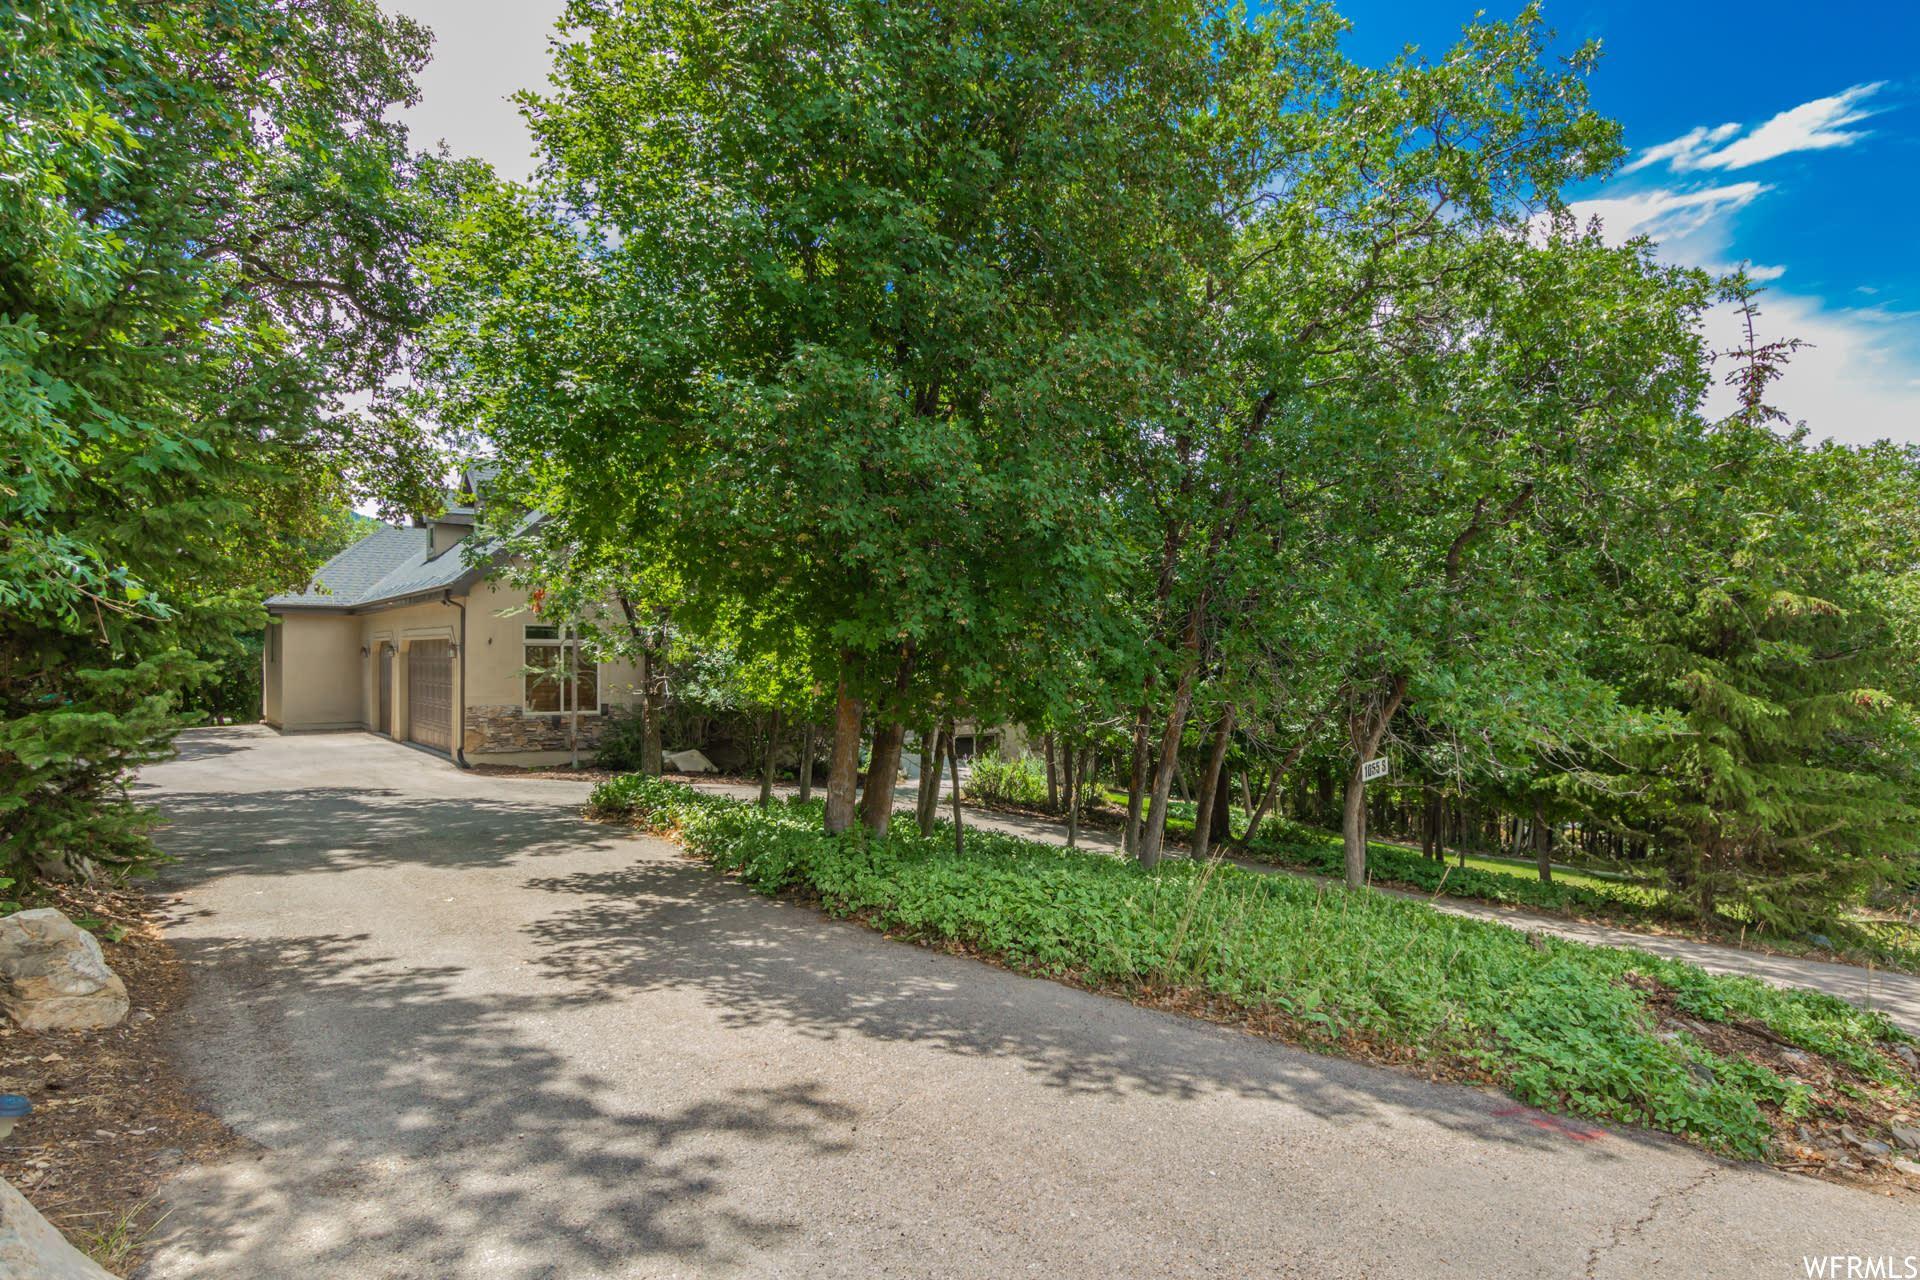 Photo of 1055 N EAGLE NEST DR, Woodland Hills, UT 84653 (MLS # 1766605)